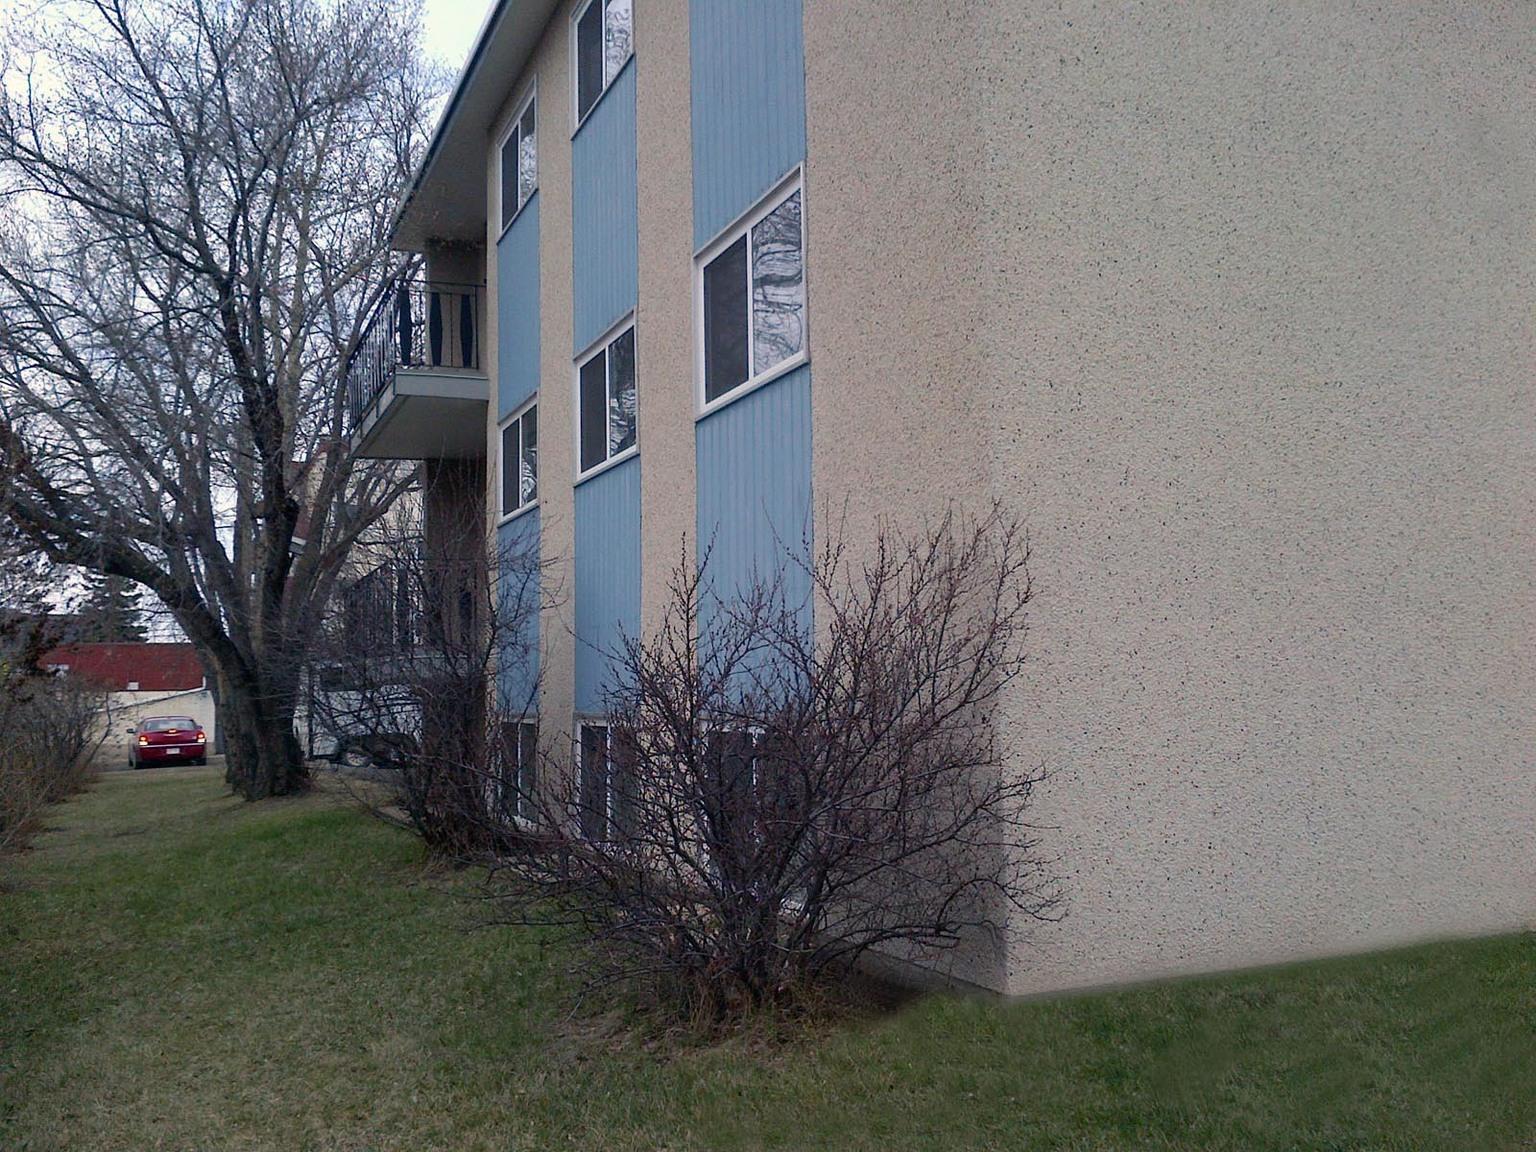 9804 102 Street, Fort Saskatchewan, AB - $700